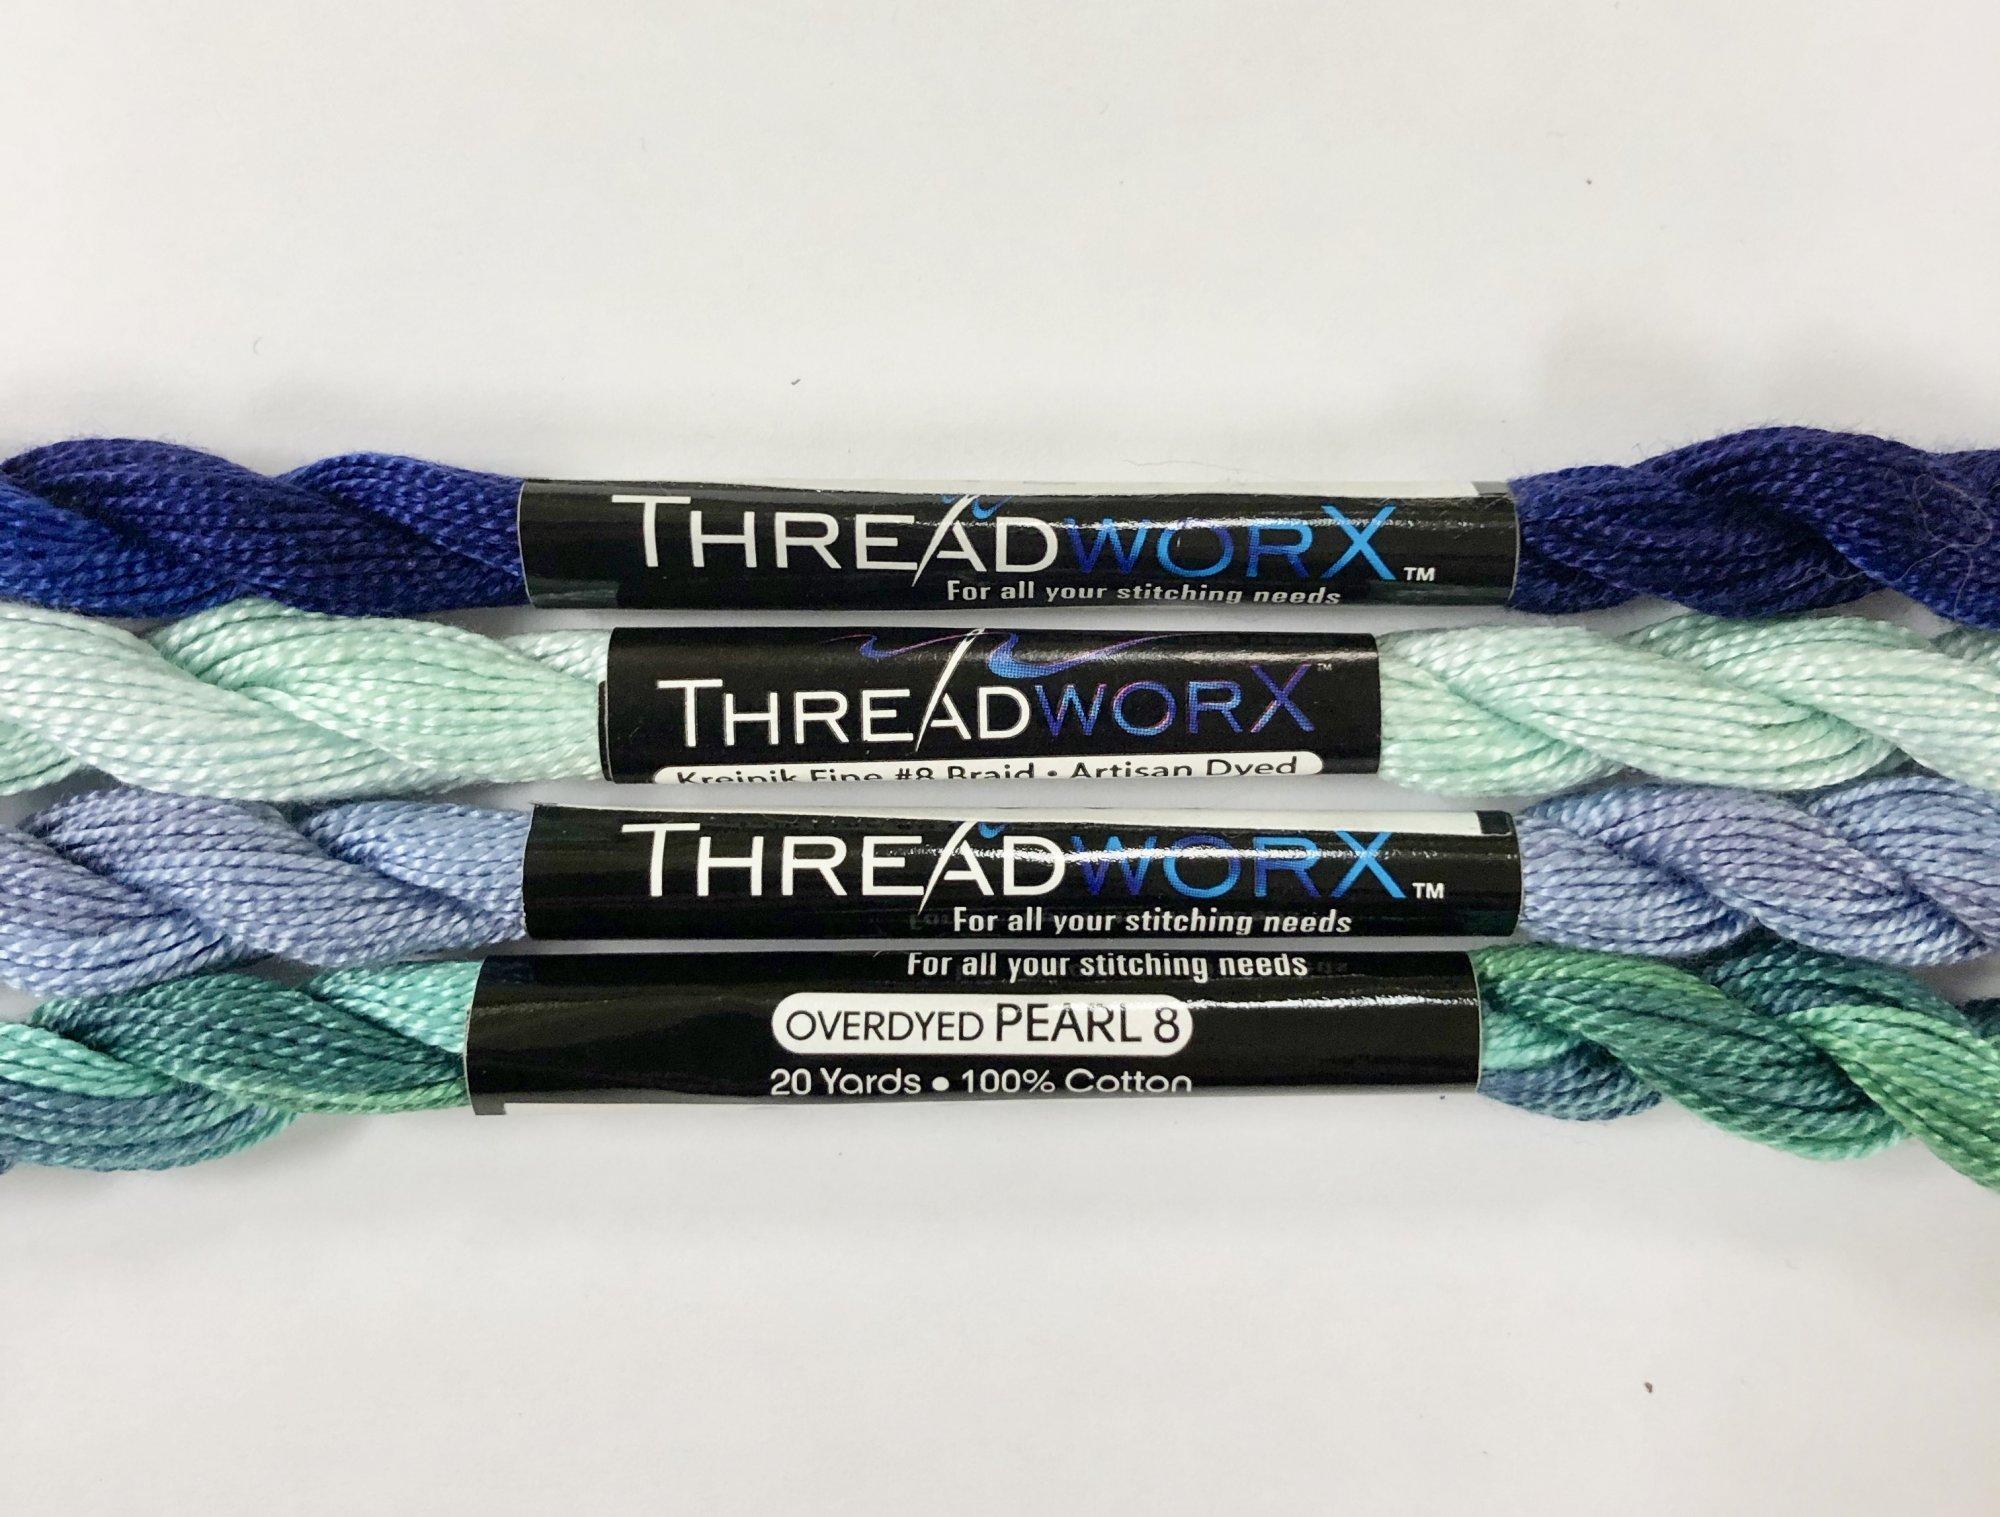 threadworX overdyed pearl cotton #8